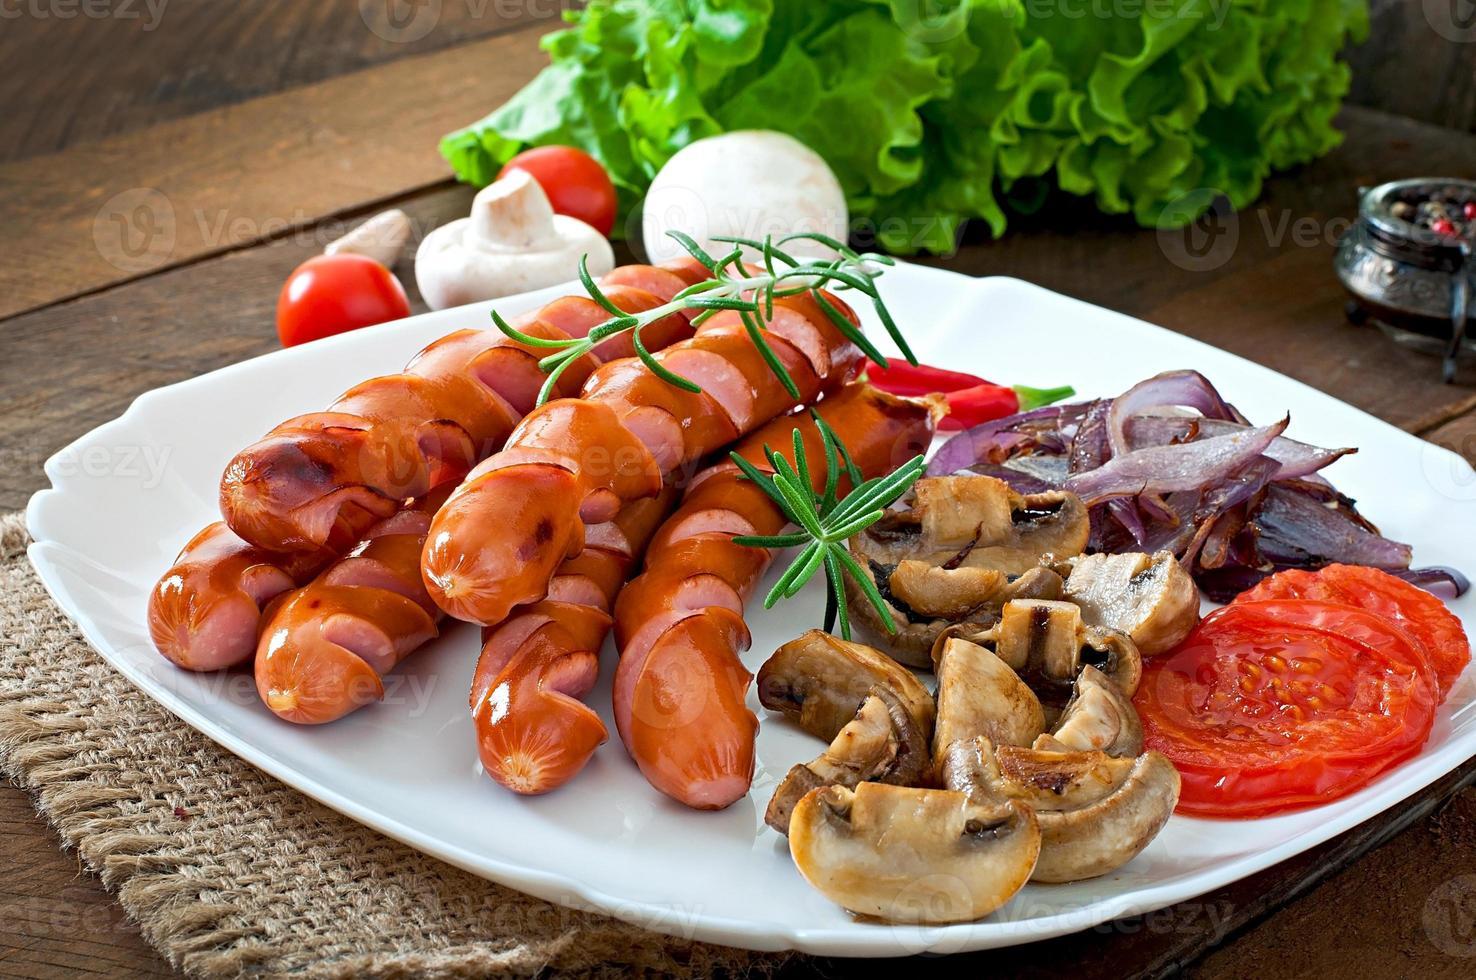 salsicce fritte con verdure su un piatto bianco foto